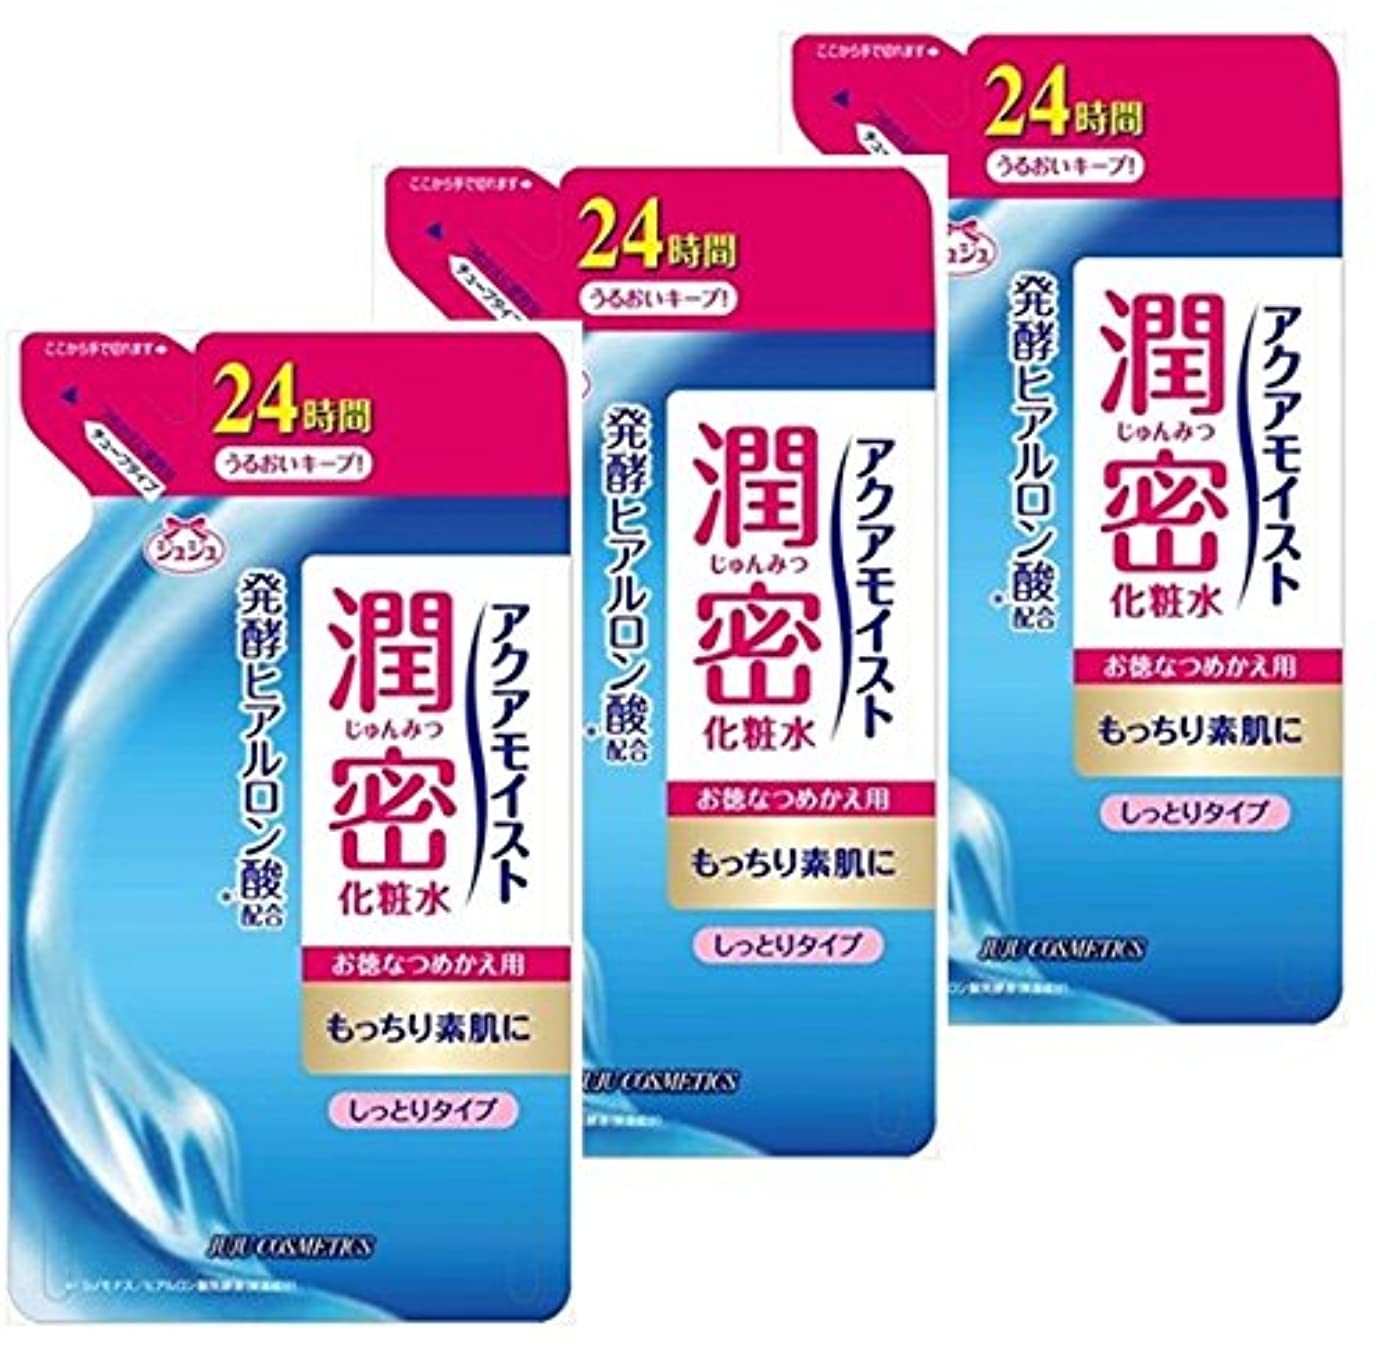 コンサルタントプロフェッショナルルート【3個セット】 アクアモイスト 保湿化粧水 ha(しっとりタイプ) つめかえ用 160mL